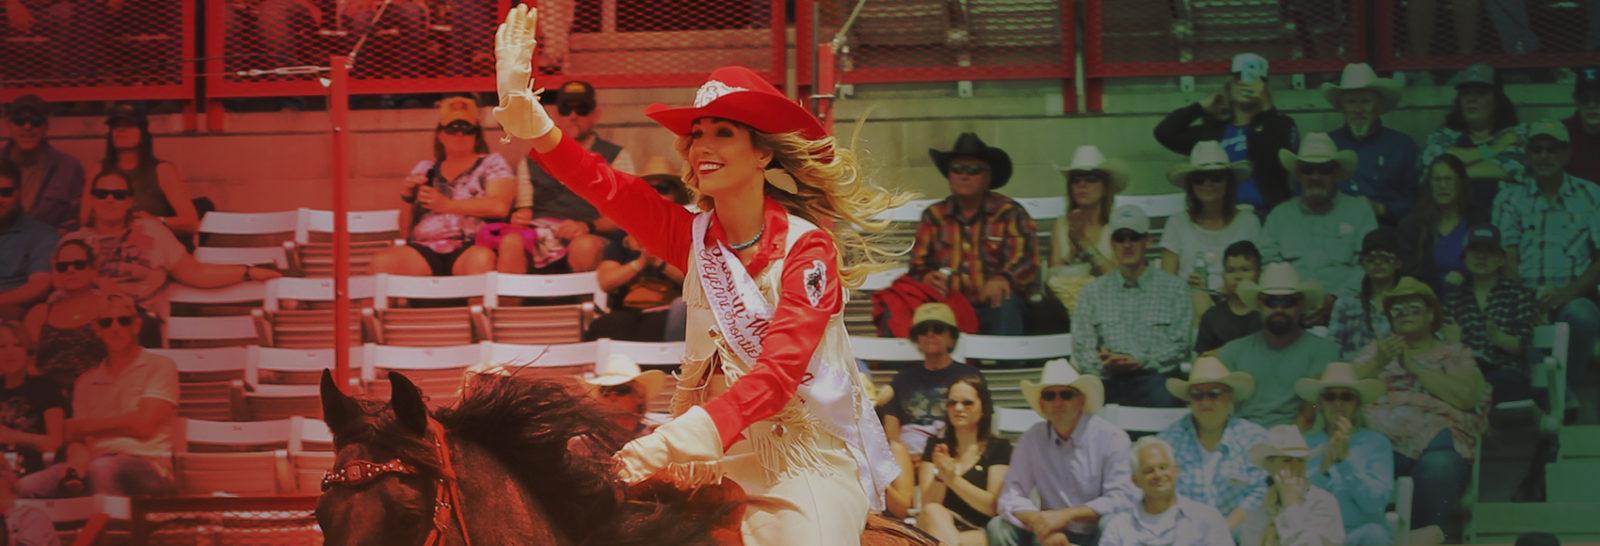 Royalty Cheyenne Frontier Days